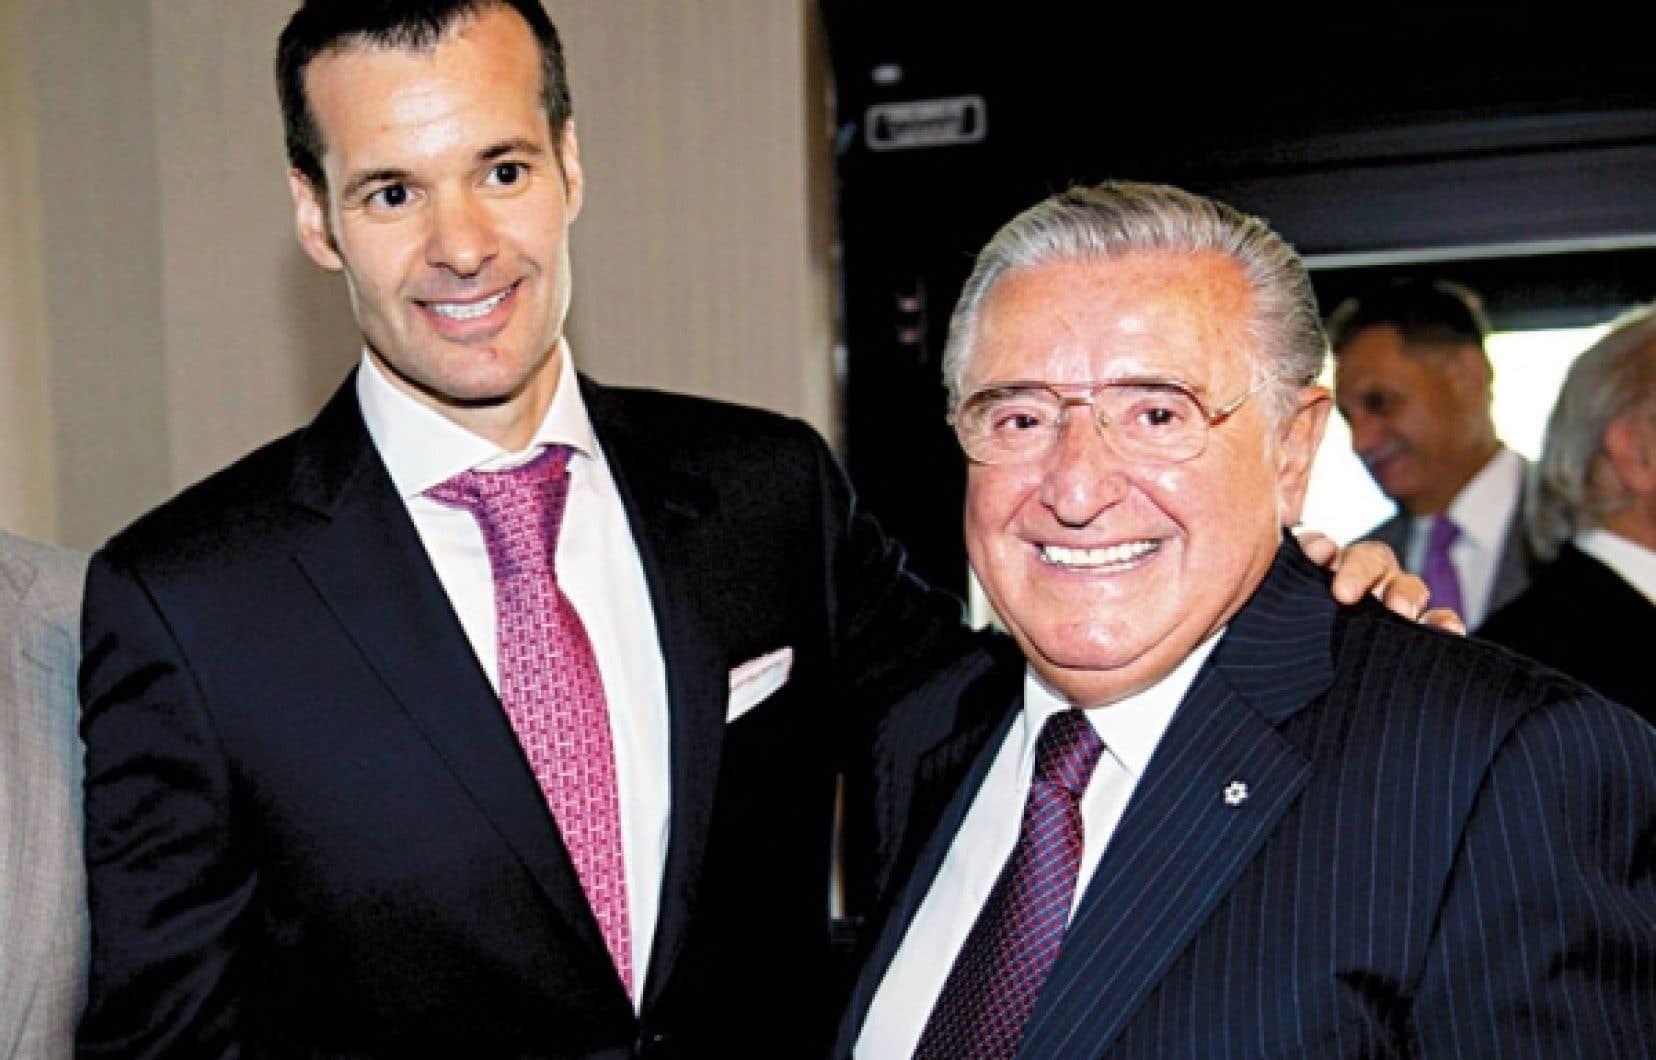 Le président et chef de la direction de l'entreprise Saputo, Lino A. Saputo, Jr., en compagnie de son père, Lino Saputo, qui continue d'assurer la présidence du conseil d'administration.